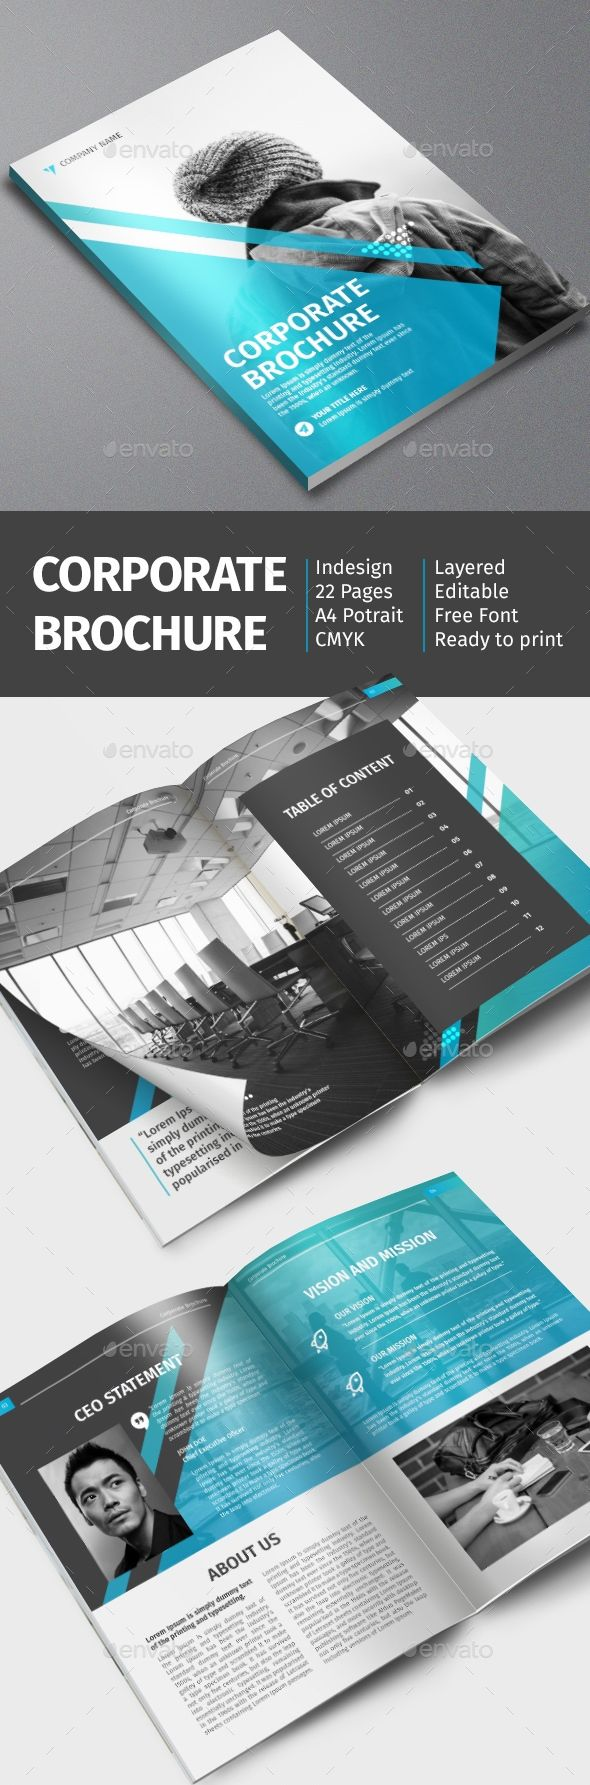 Corporate Brochure Company Profile 7                                                                                                                                                     More